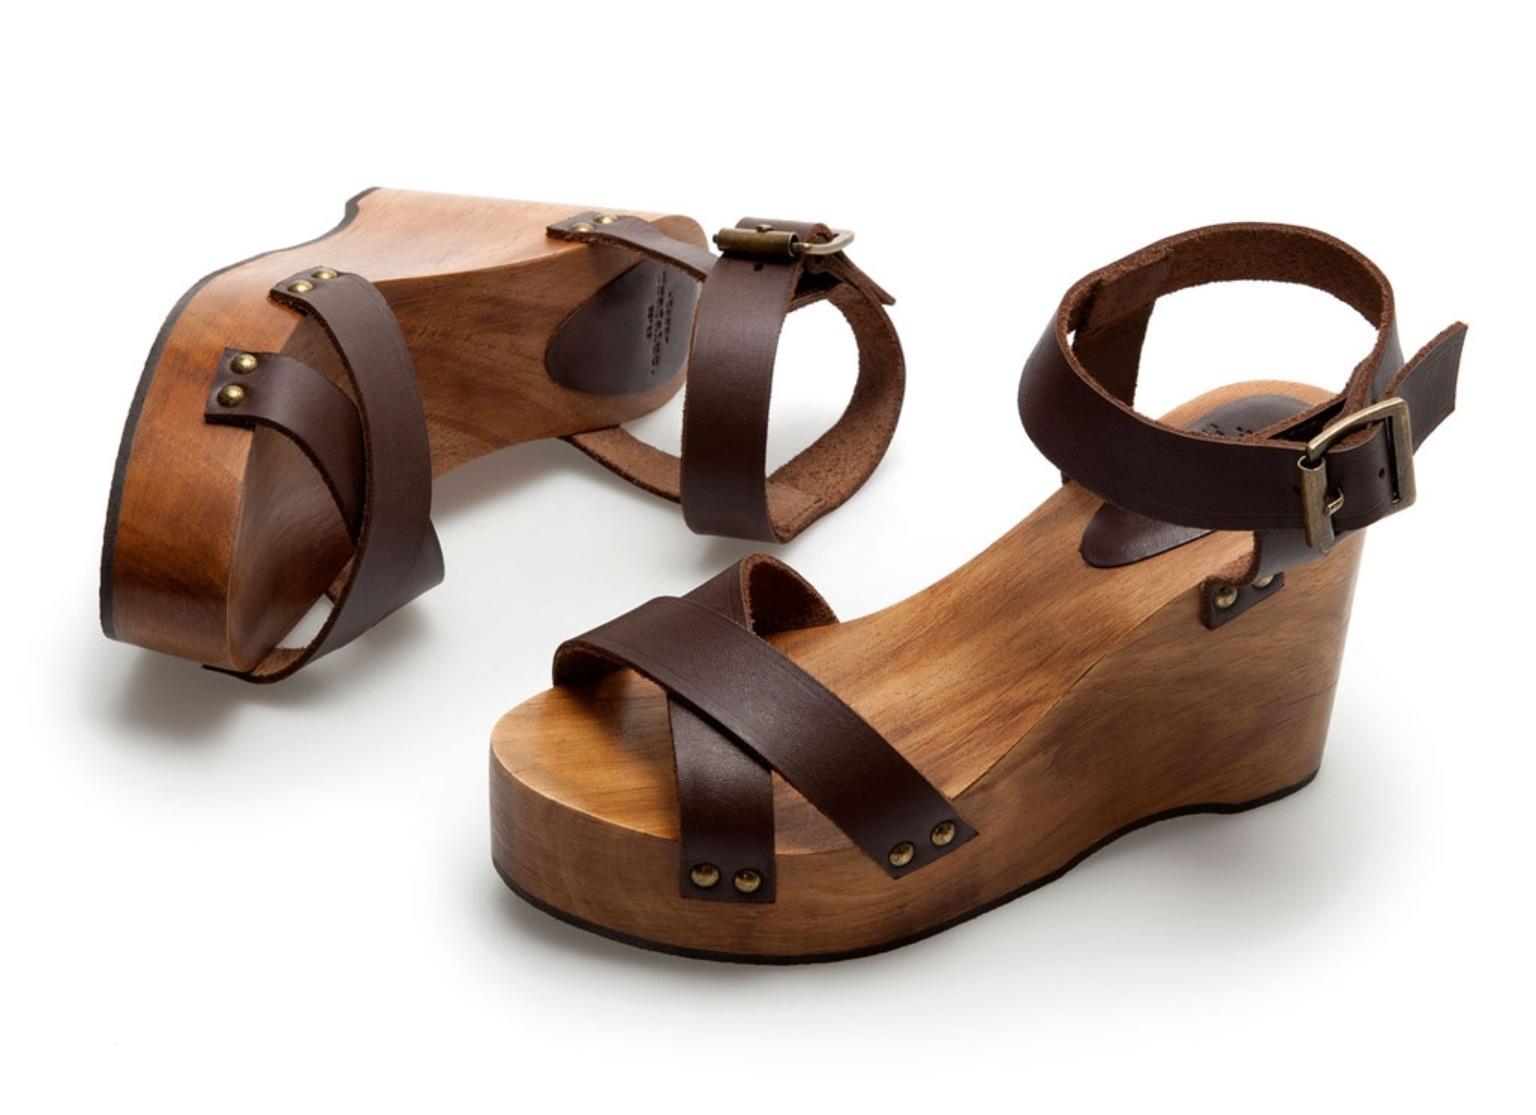 Zara Shoes Sandals Sales